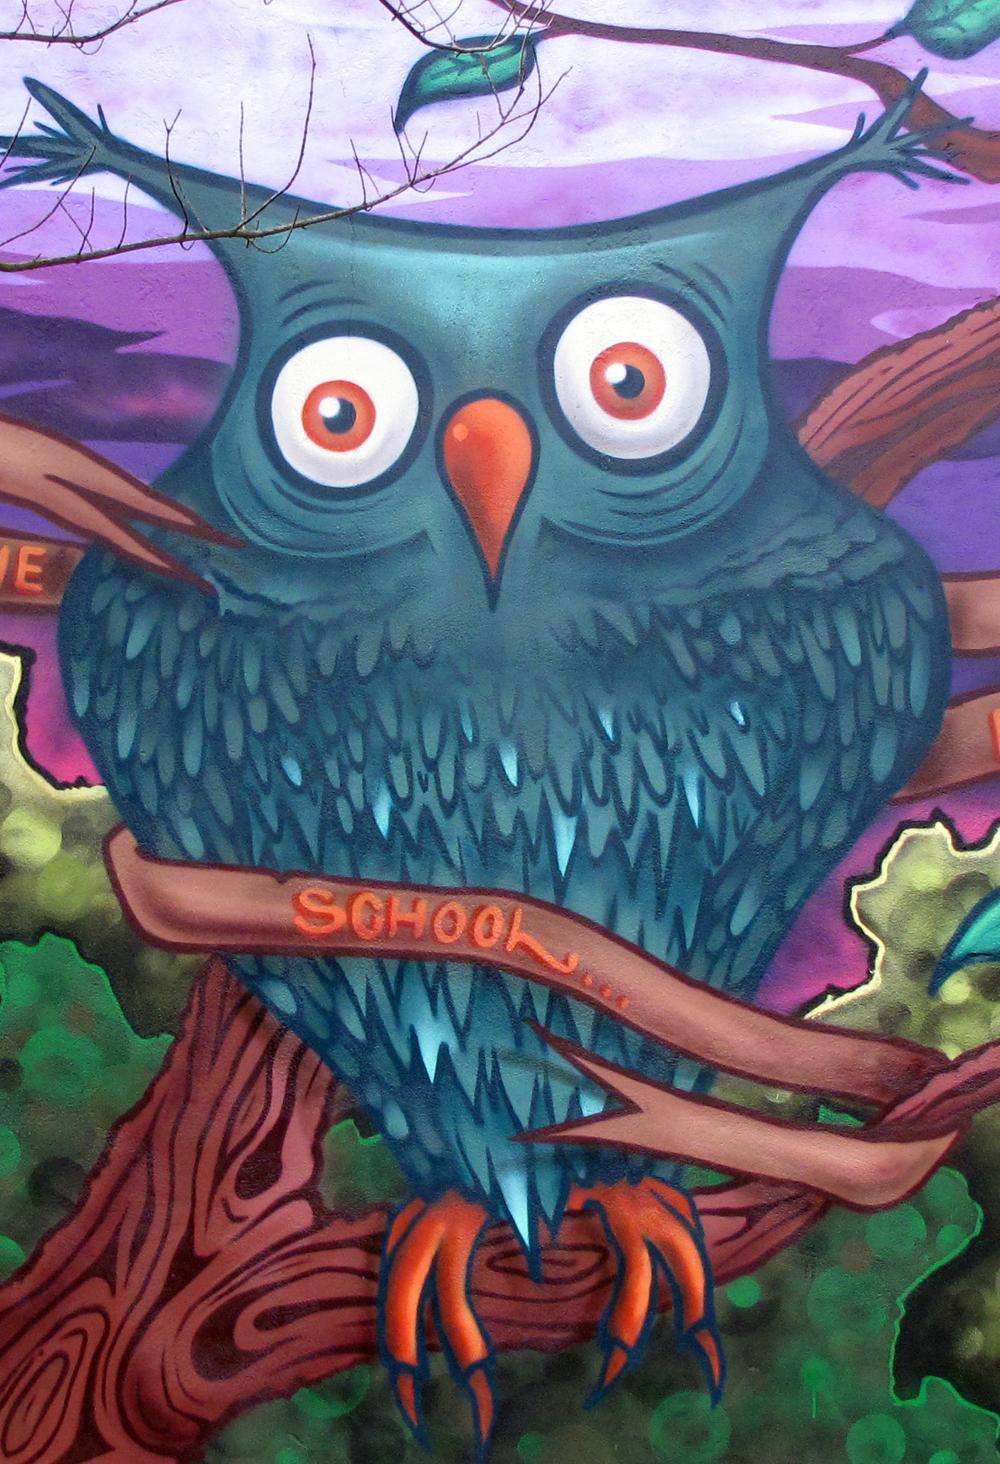 aero london graffiti mural